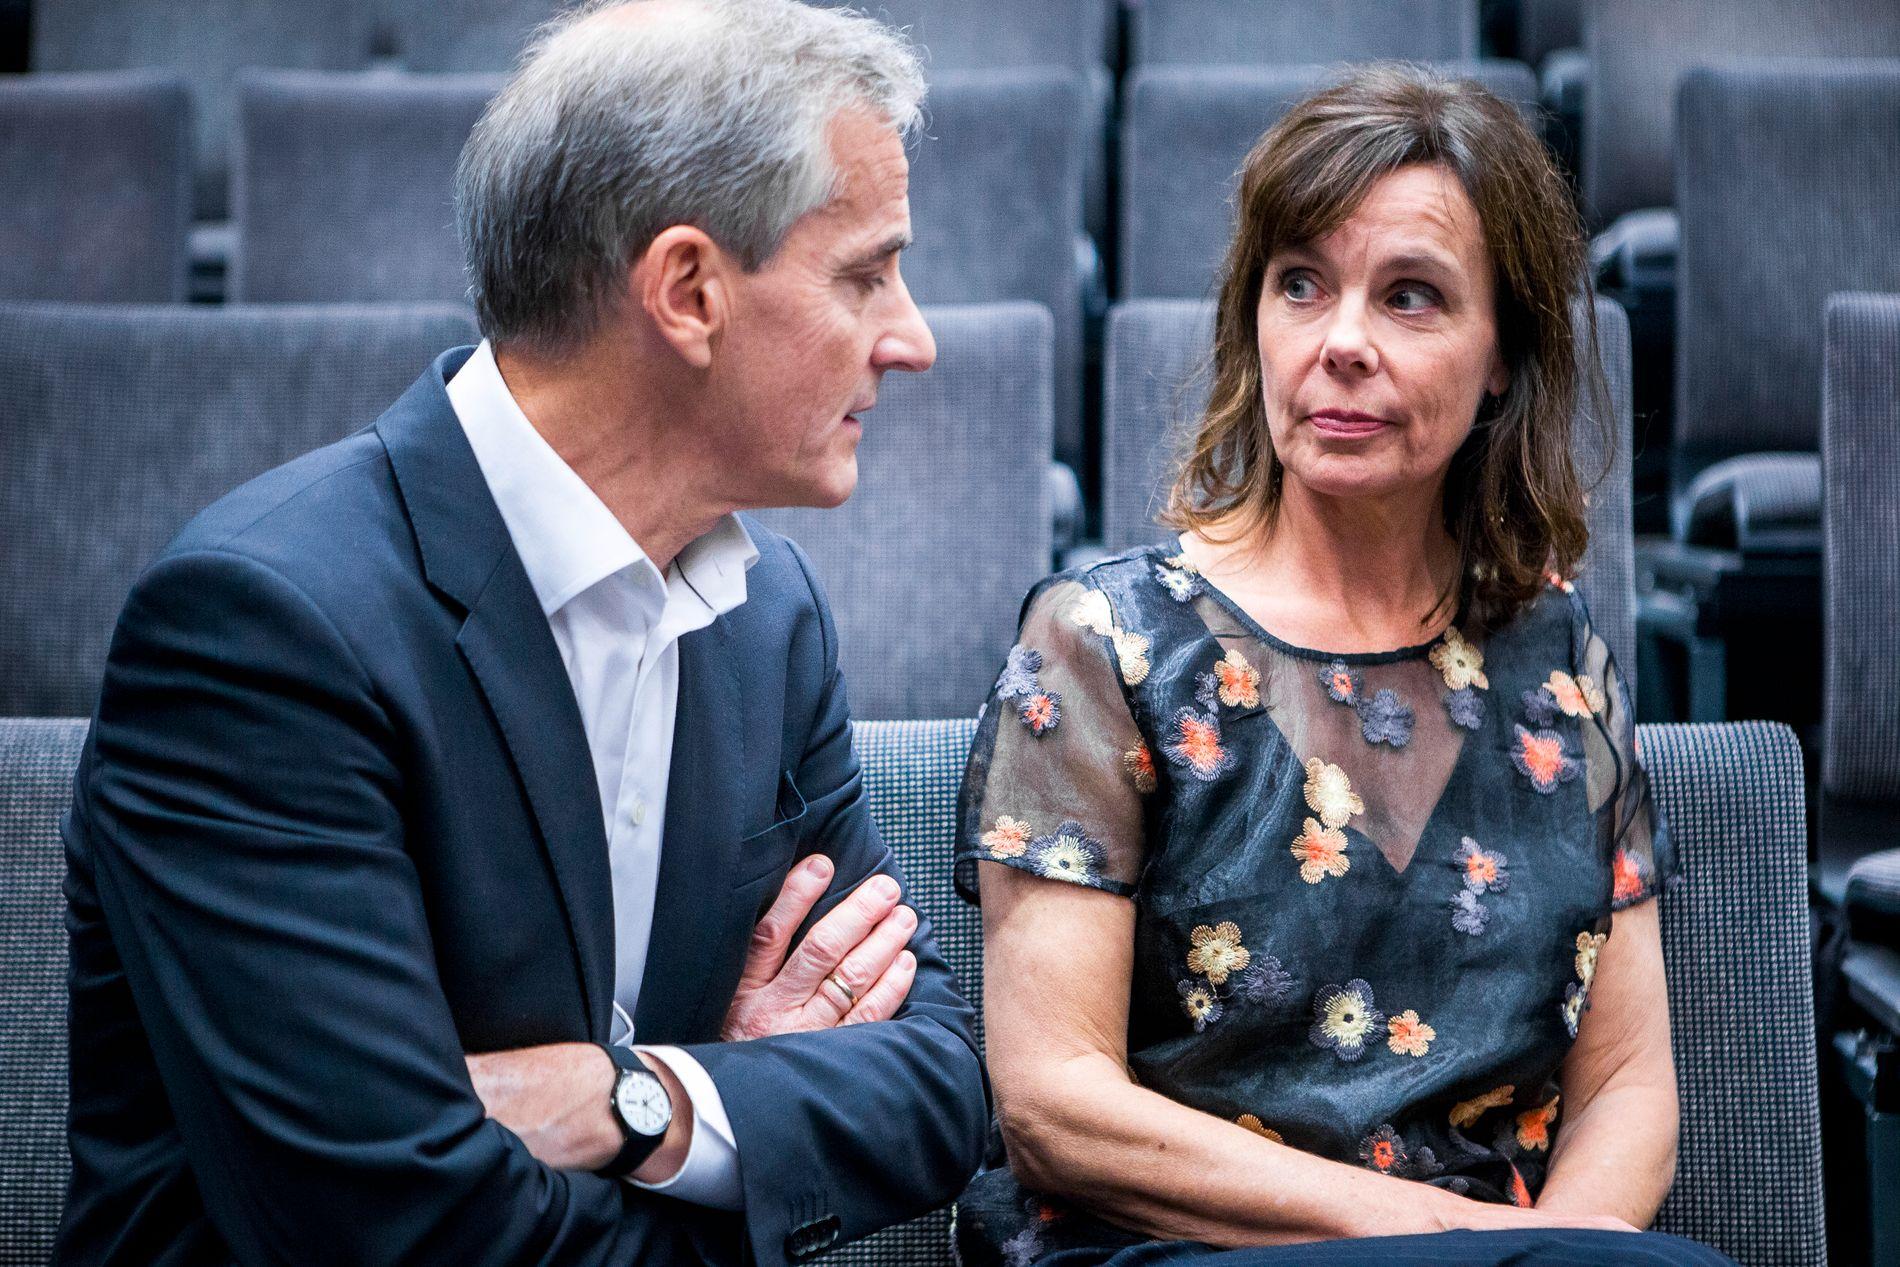 LYS OG MØRKE: Arbeiderpartiets statsministerkandidat Jonas Gahr Støre og kona Marit Slagsvold, her fotografert i et innspillingsstudio i Stockholm onsdag kveld etter opptak til NRK-programmet «Skavlan».